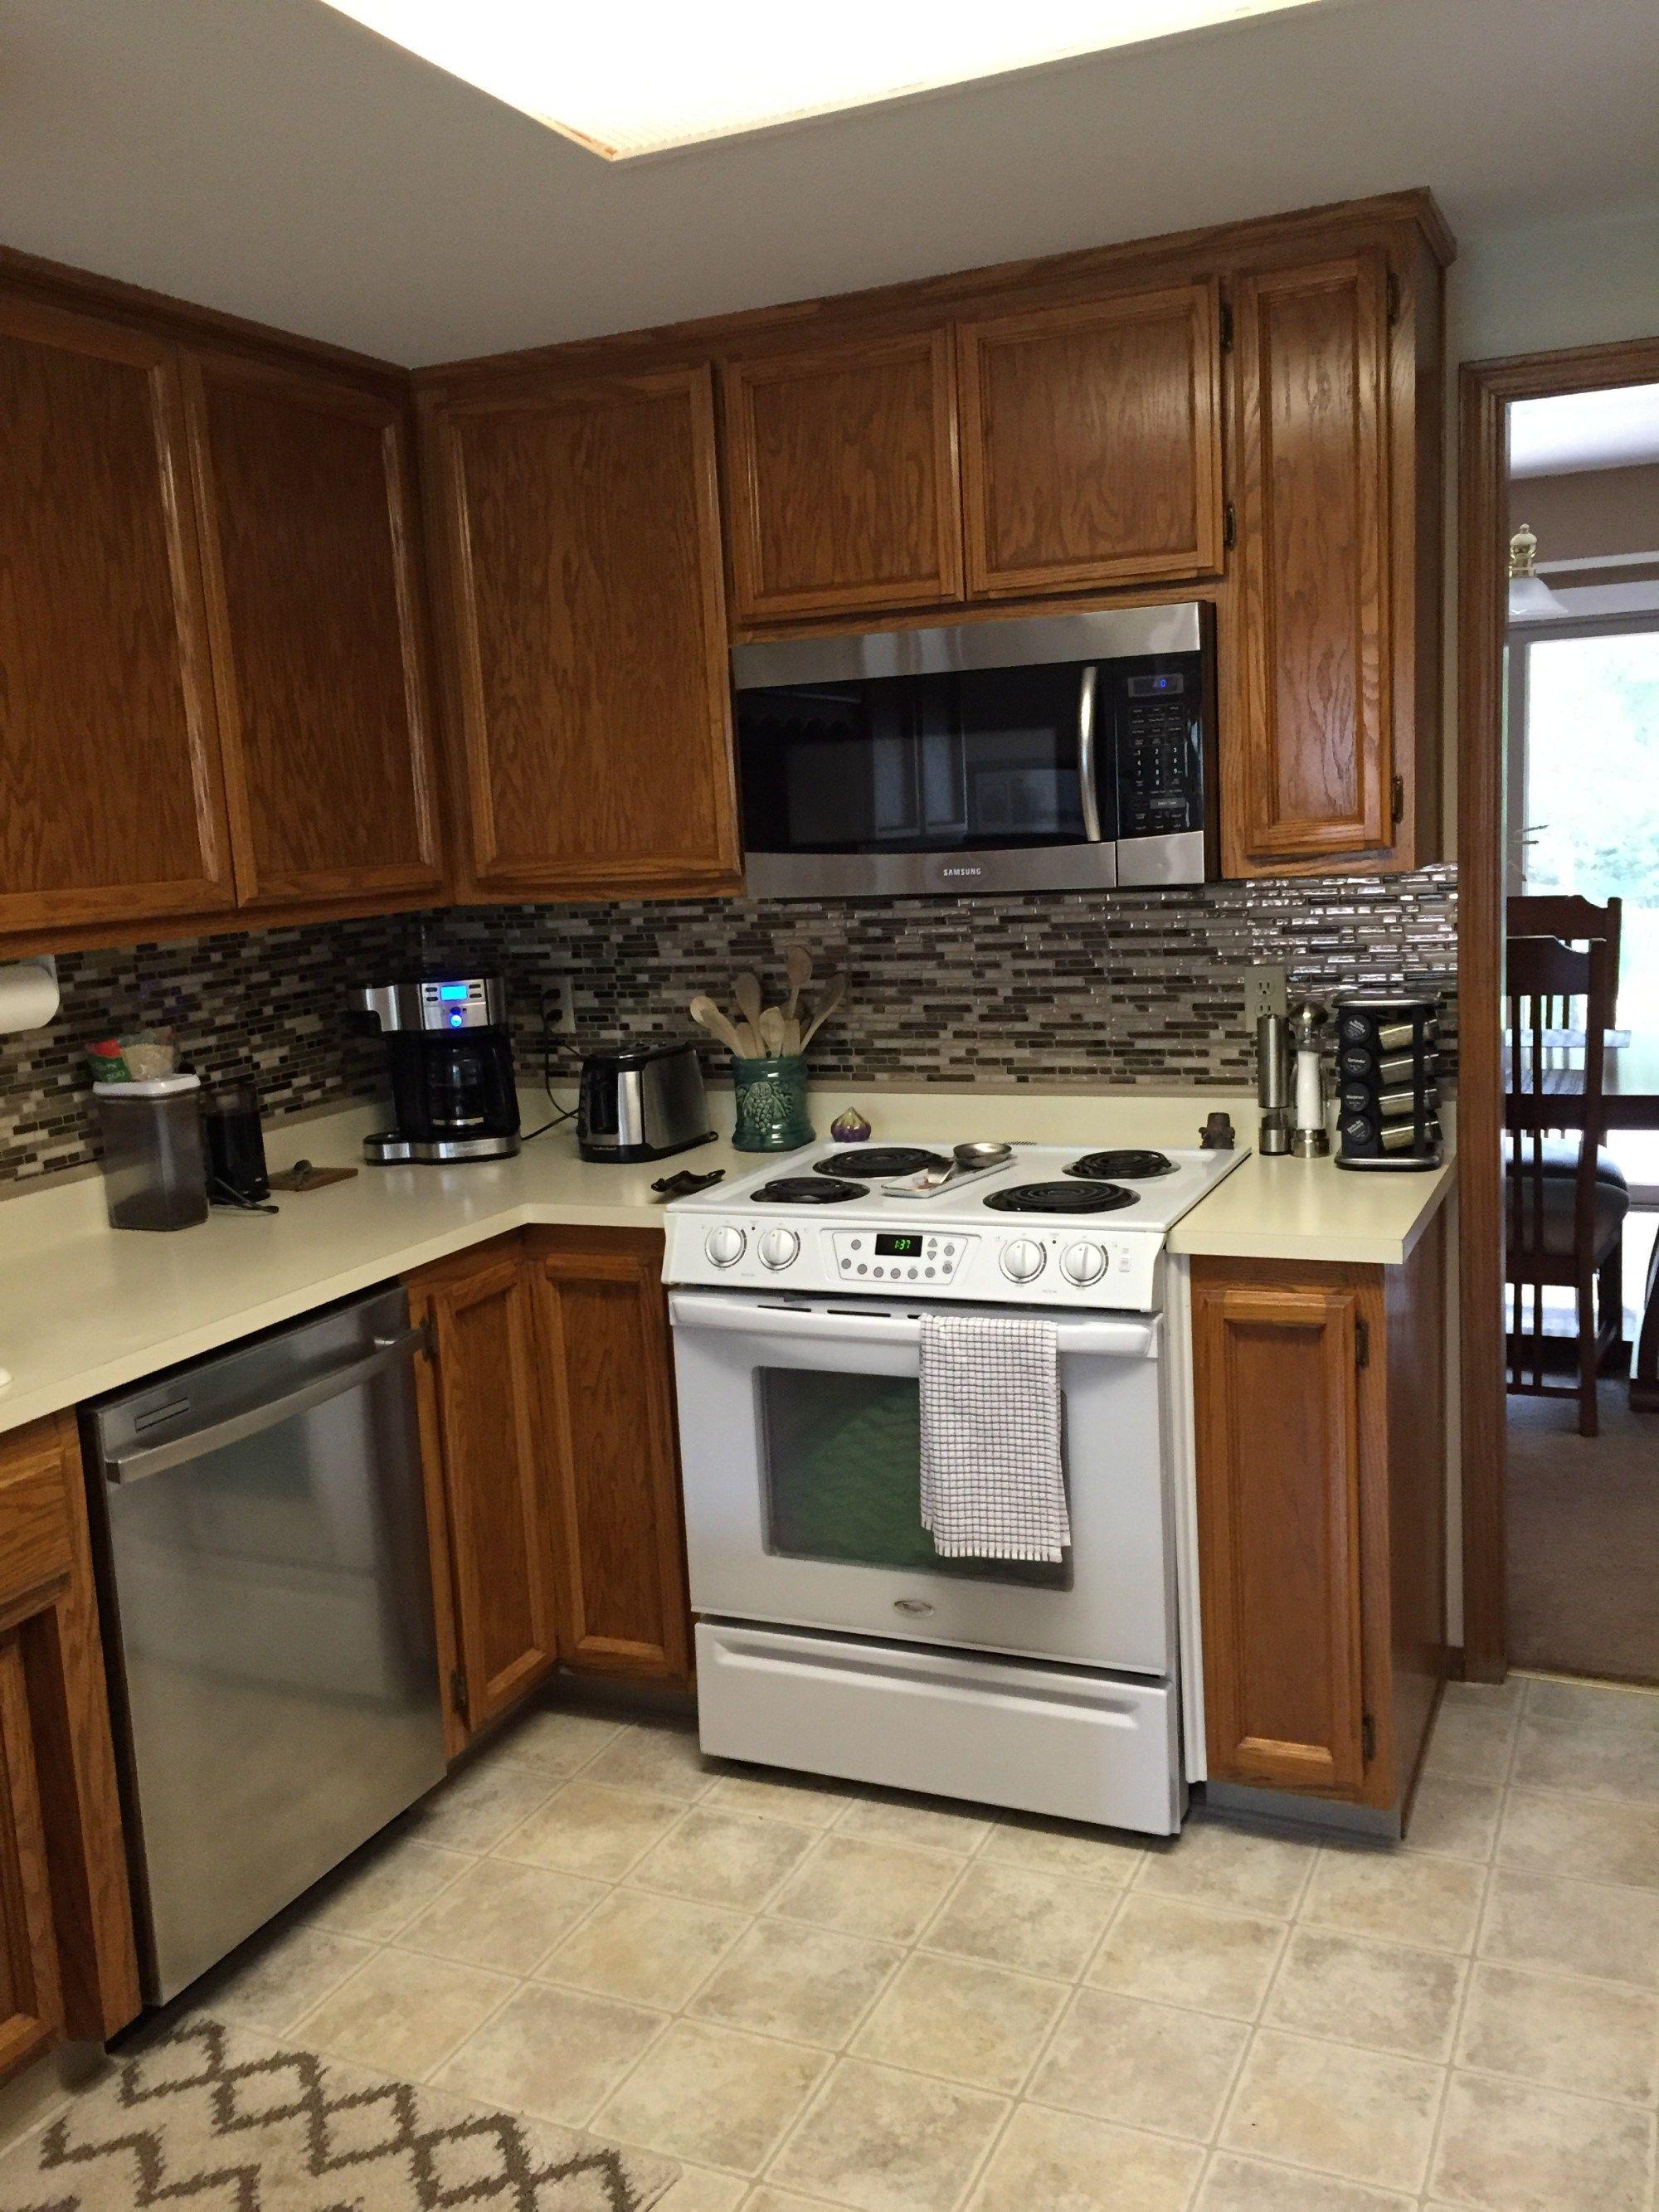 Vinyl Tile Backsplash Quick And Easy Kitchen Upgrade Vinyl Tile